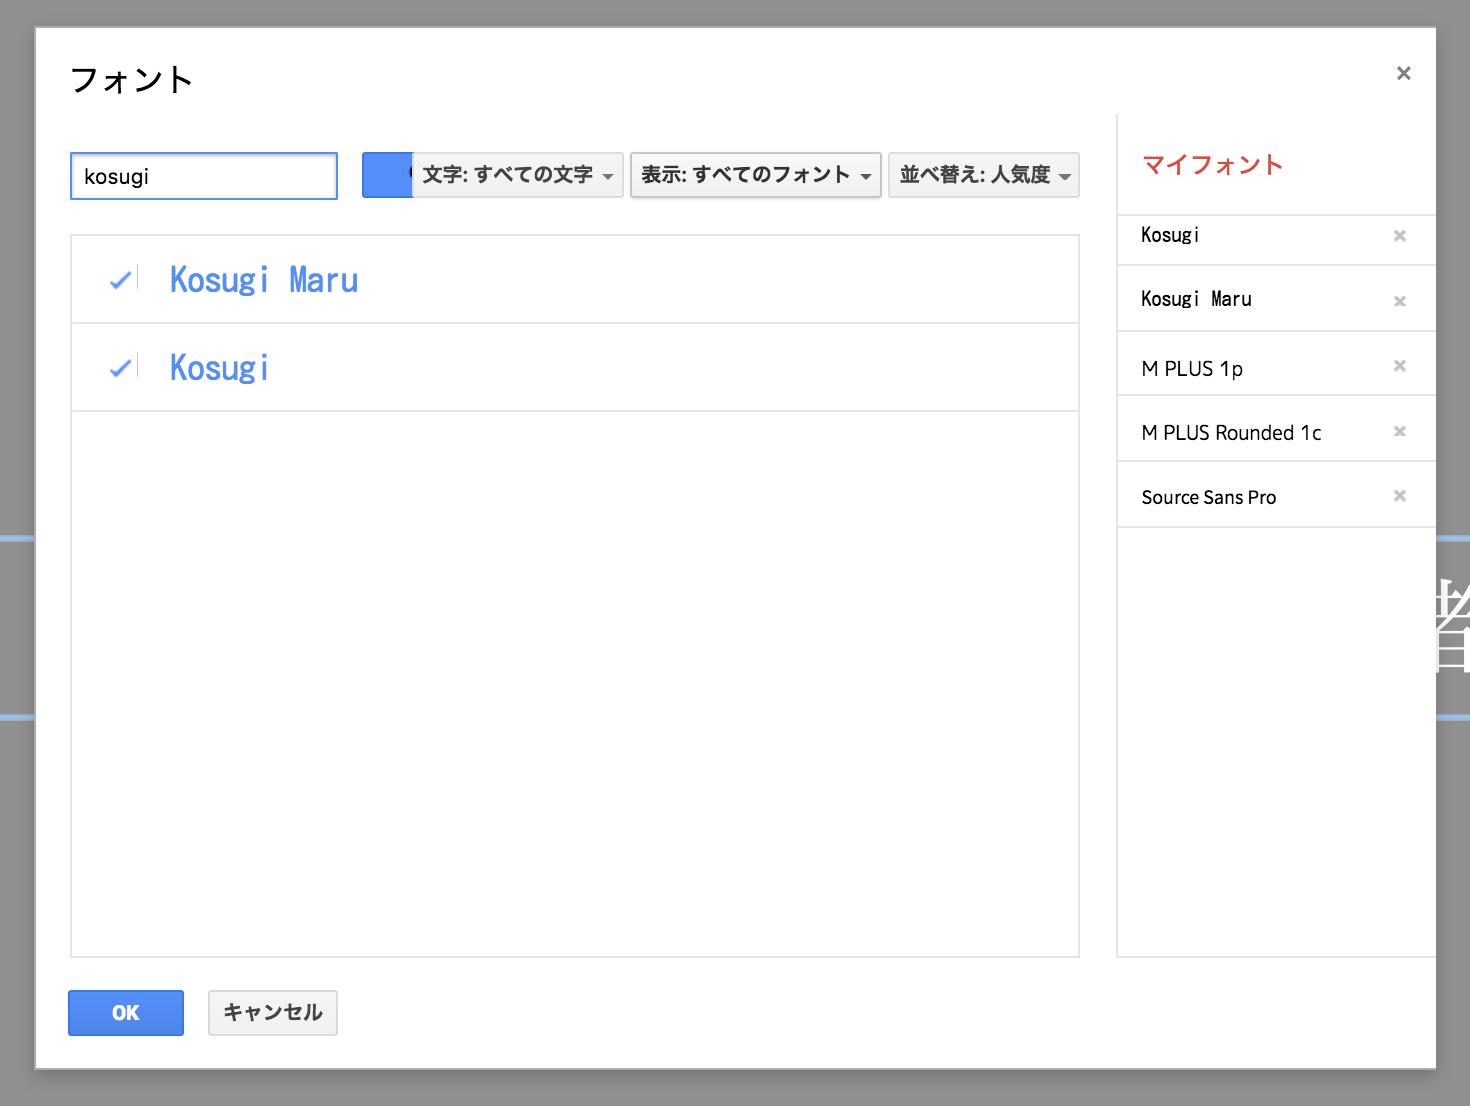 googleスライドでスライドショー 書き出しするとフォントが変わる問題の